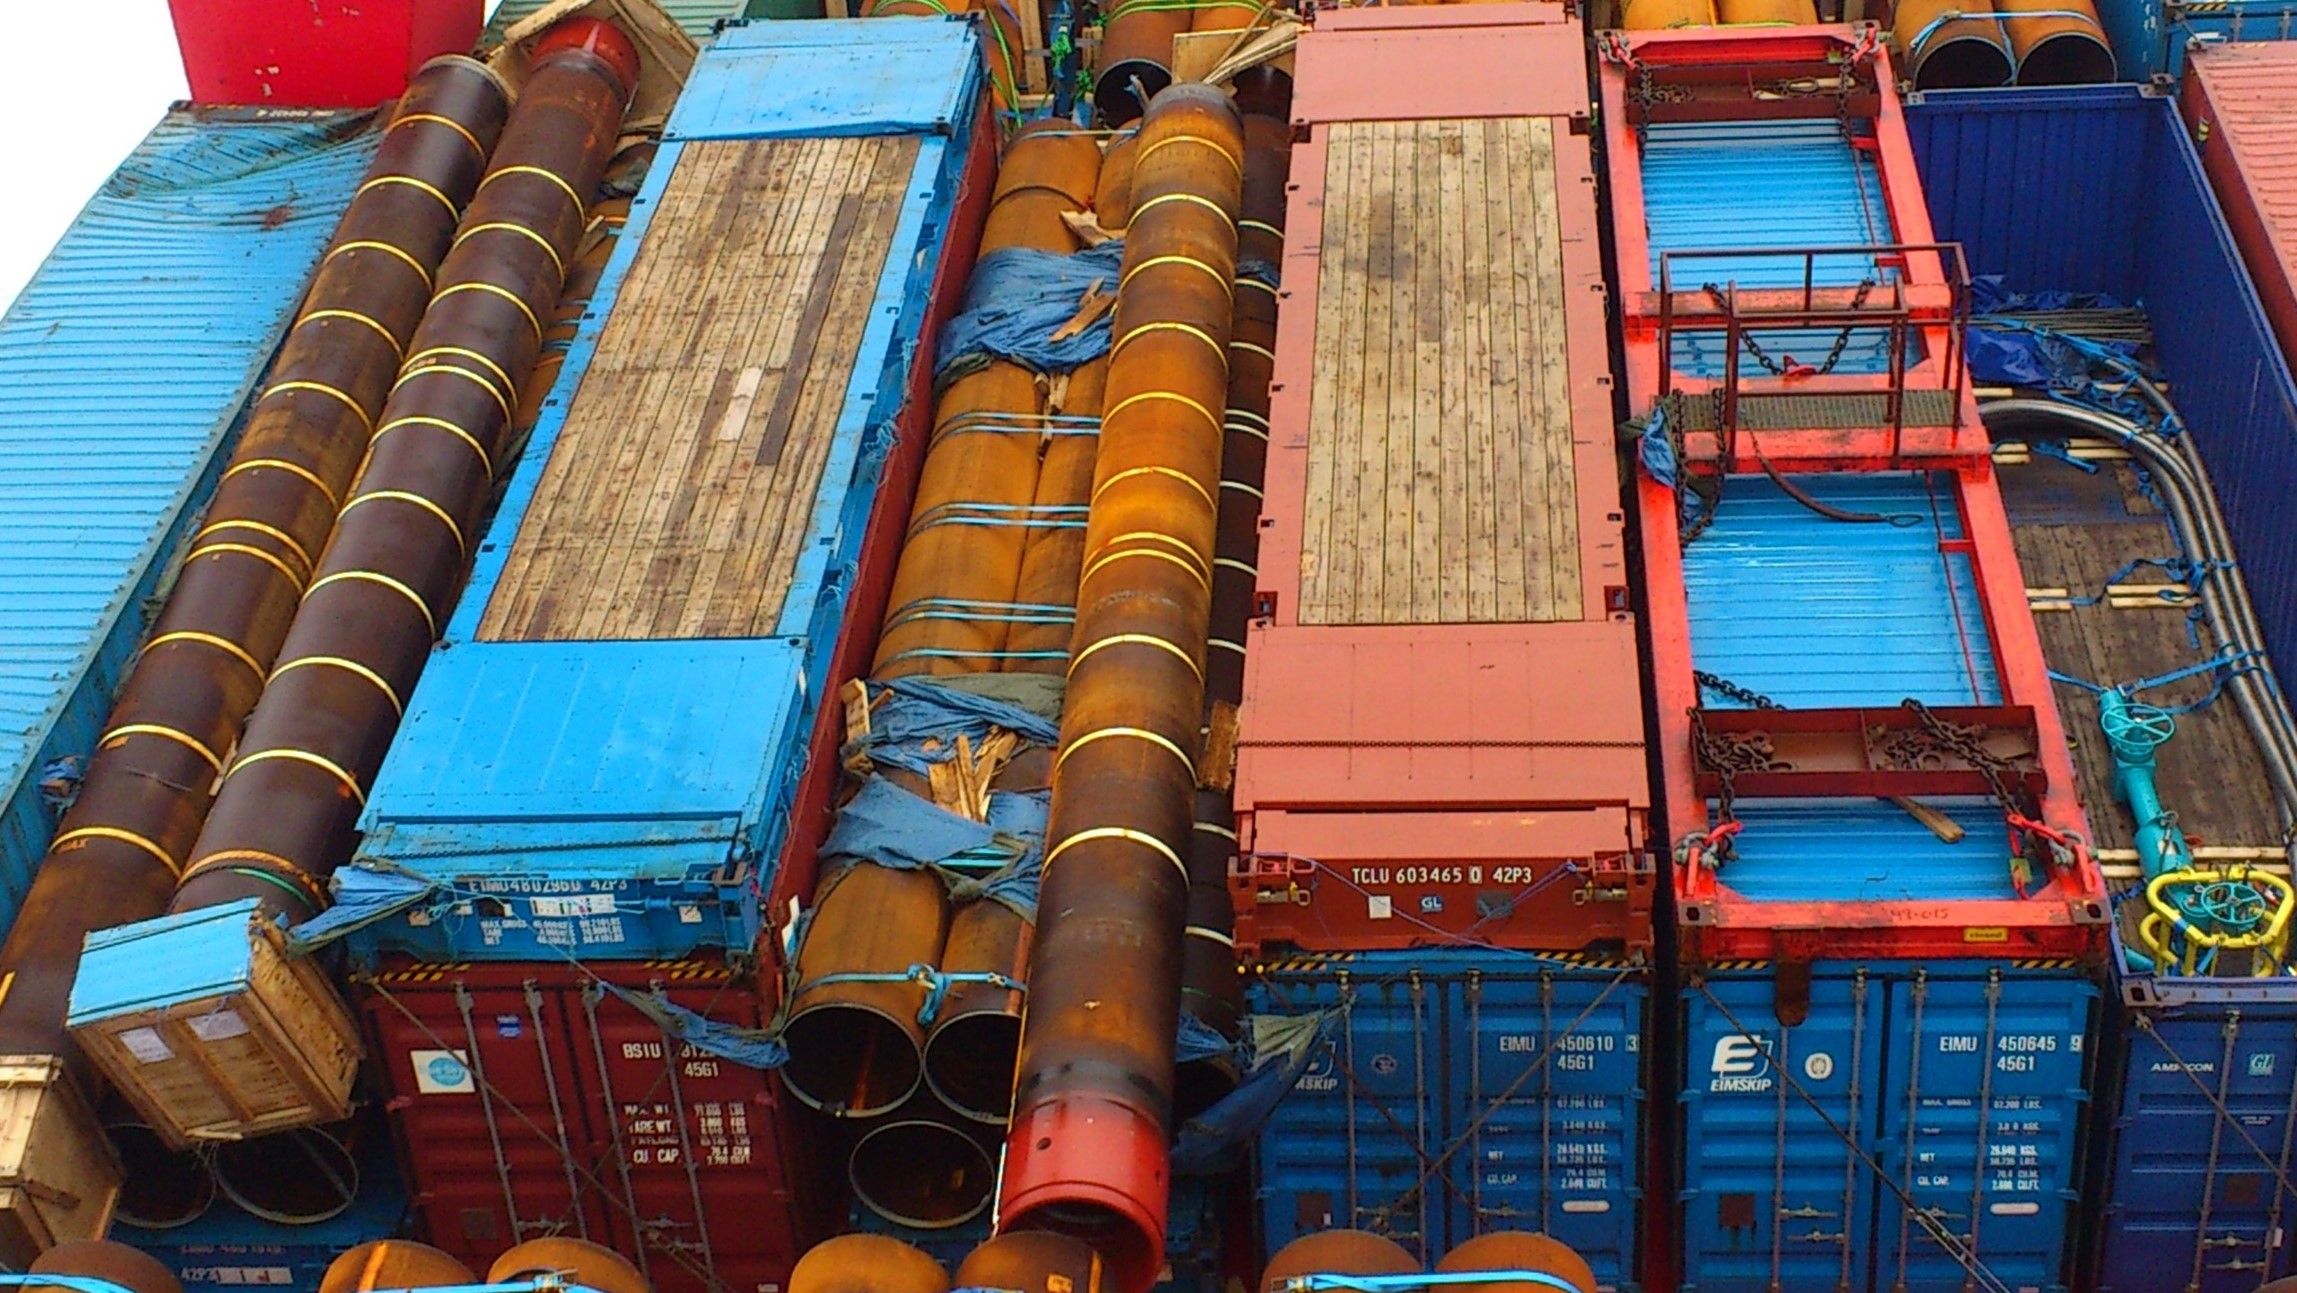 груз в контейнерах